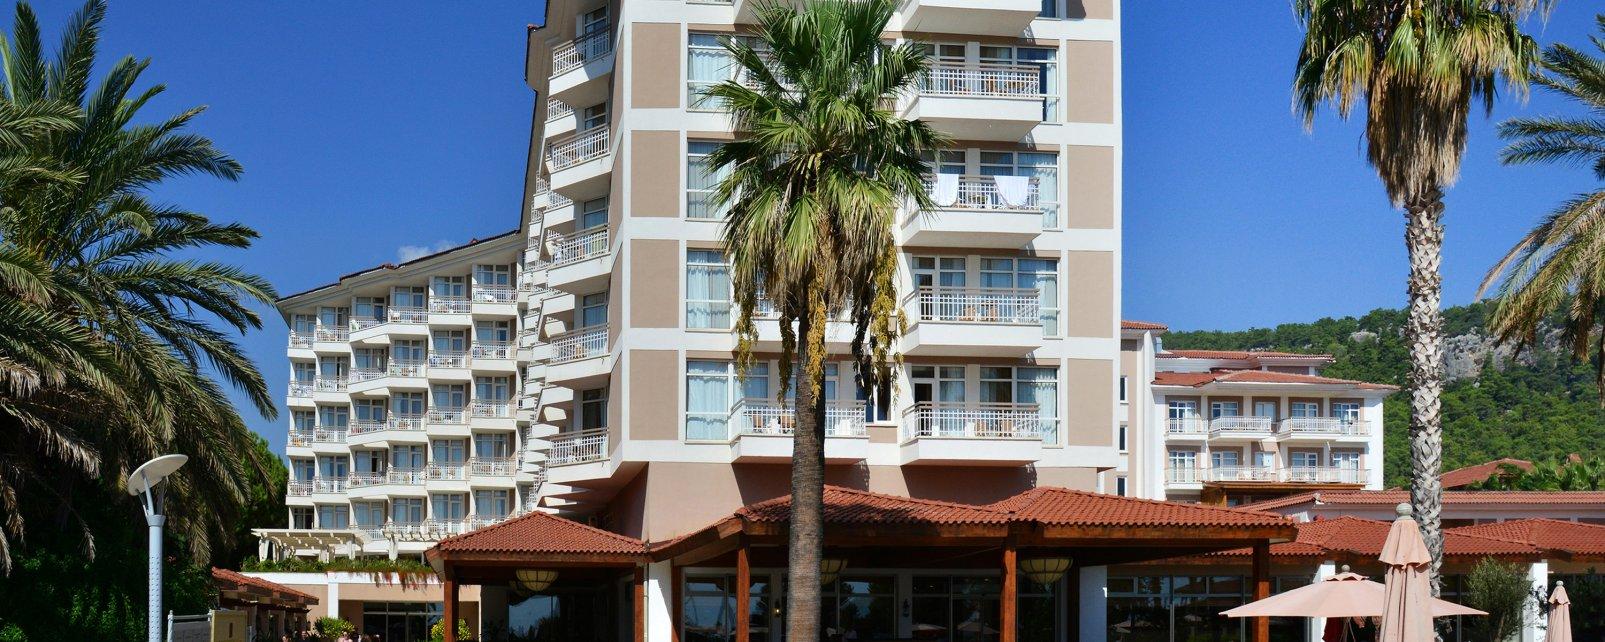 Hotel Akka Alinda Beach